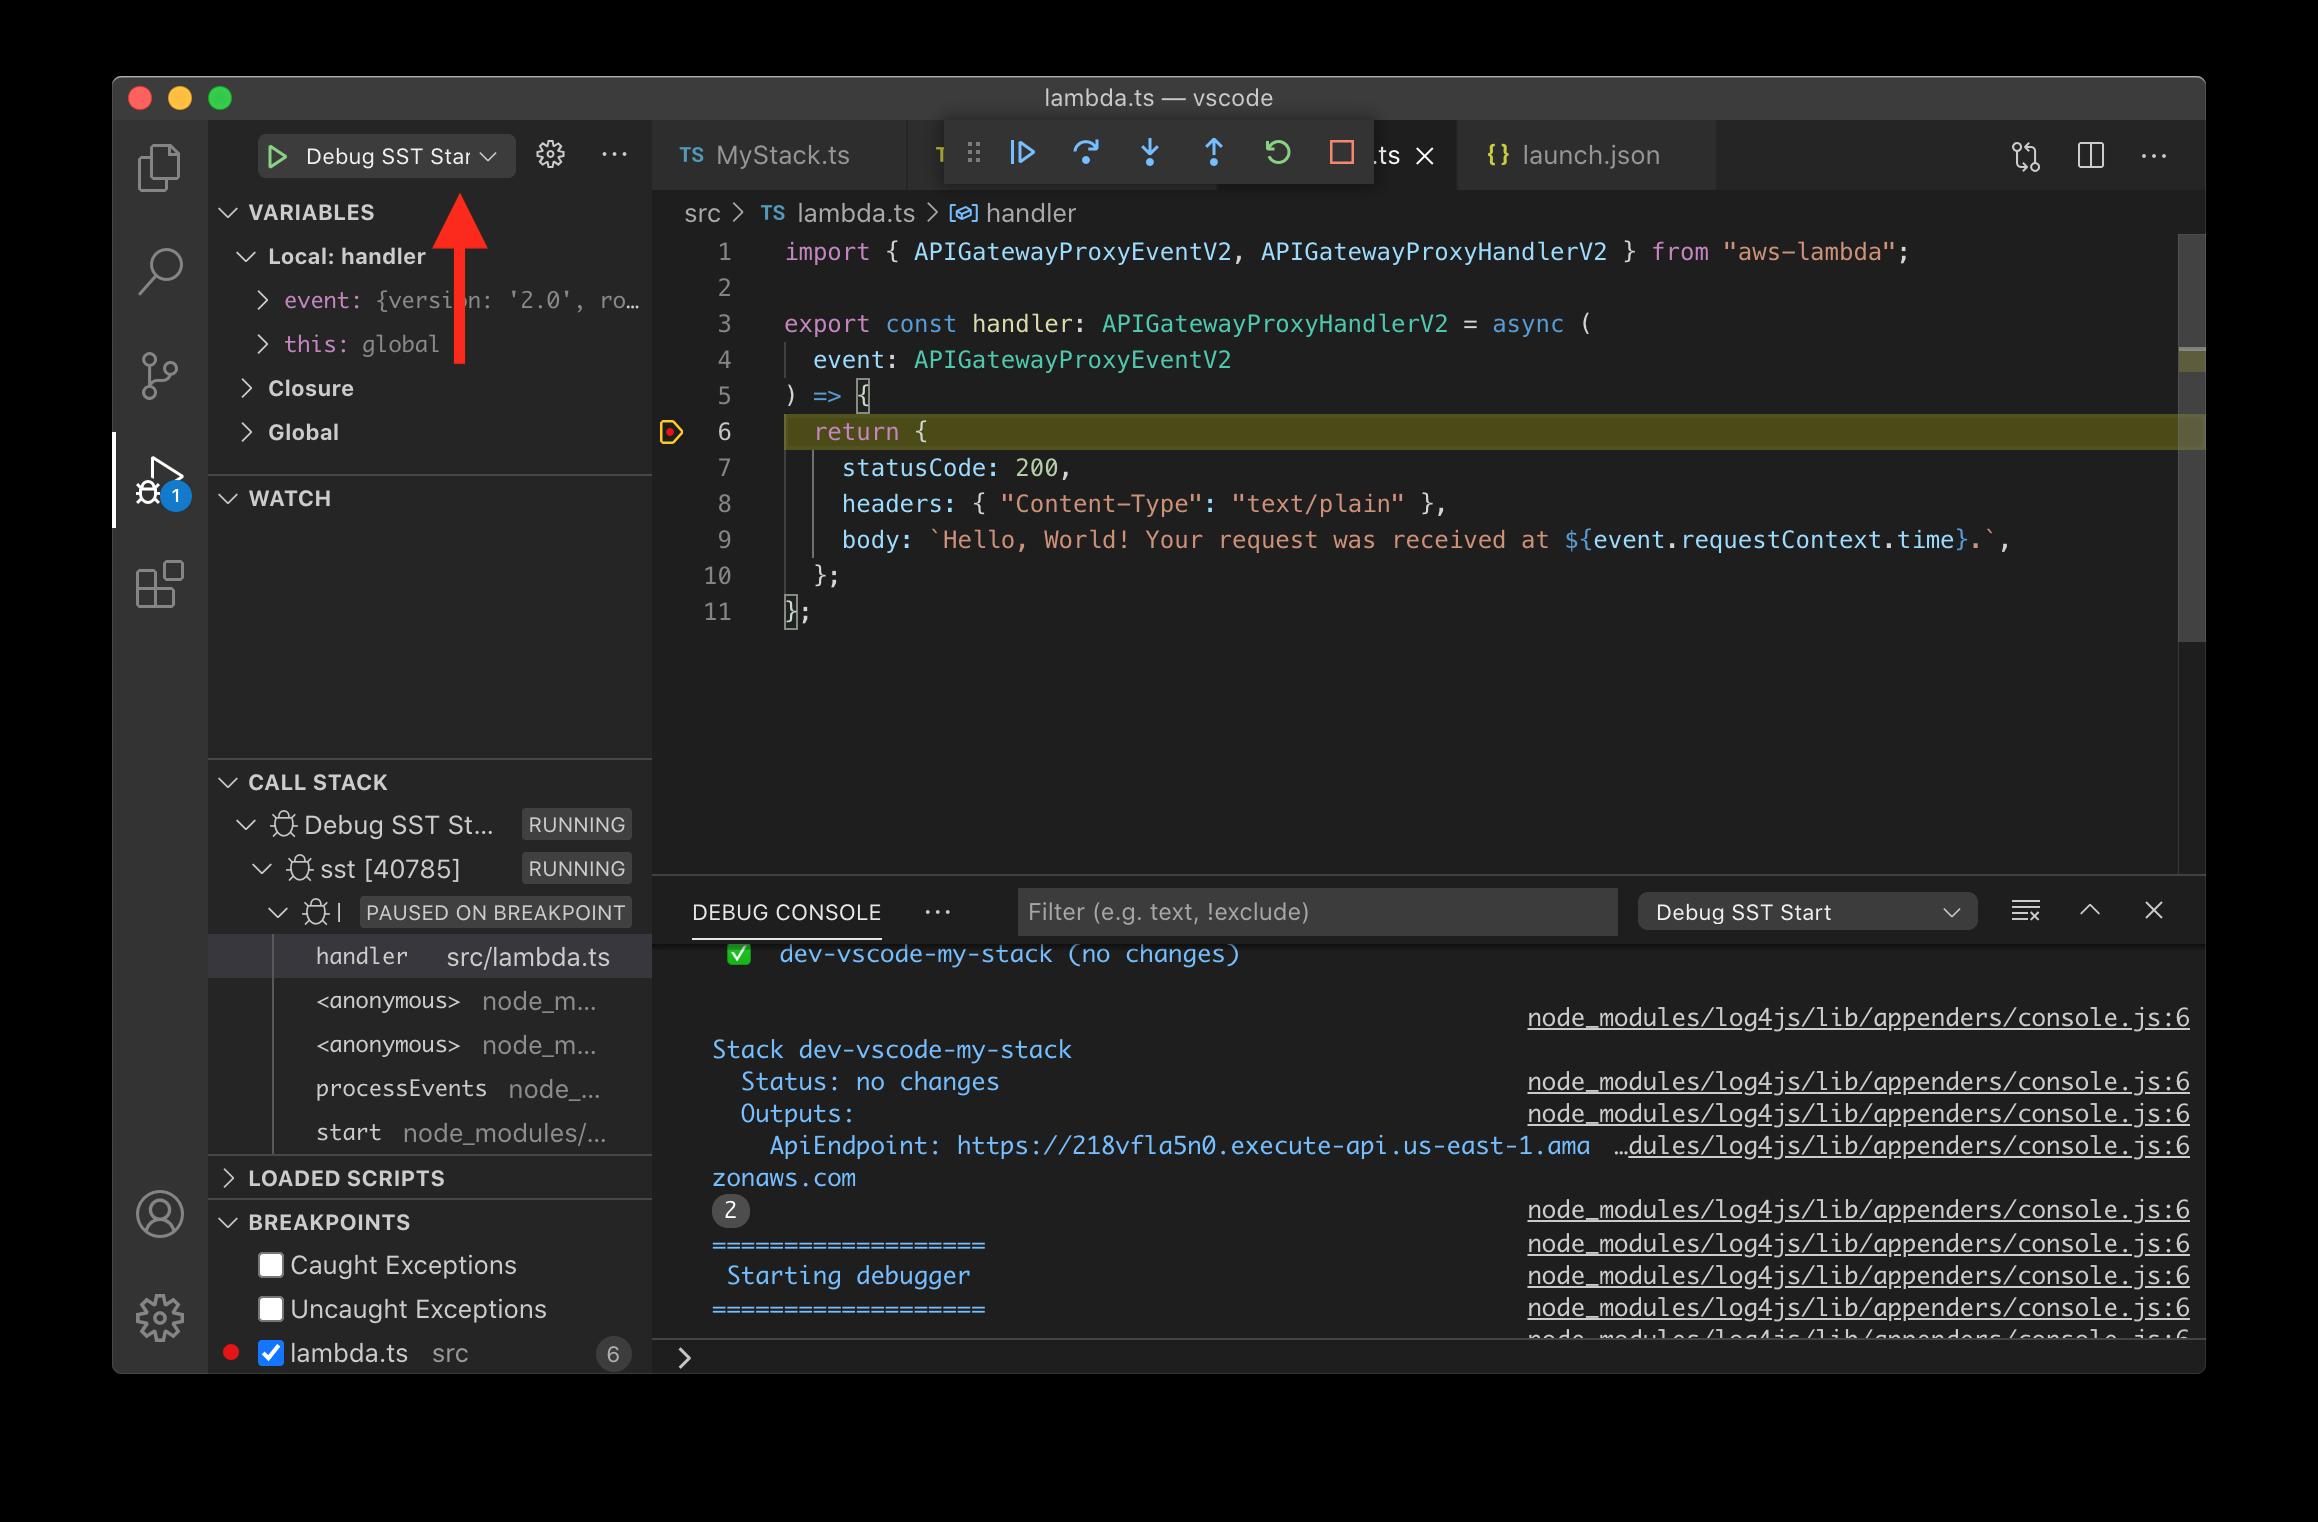 VS Code debug SST start